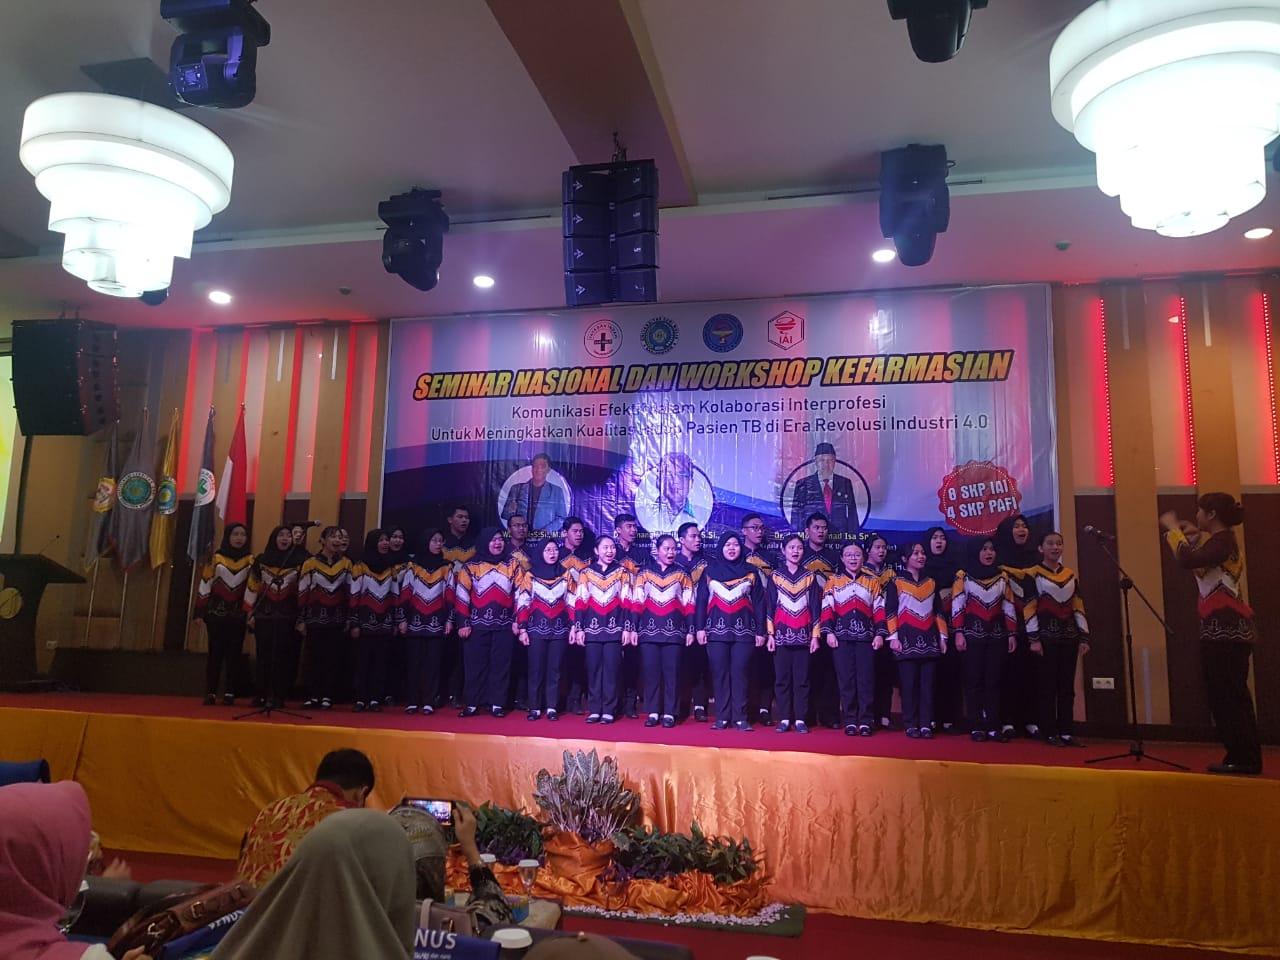 Seminar Nasional dan Workshop Kefarmasian